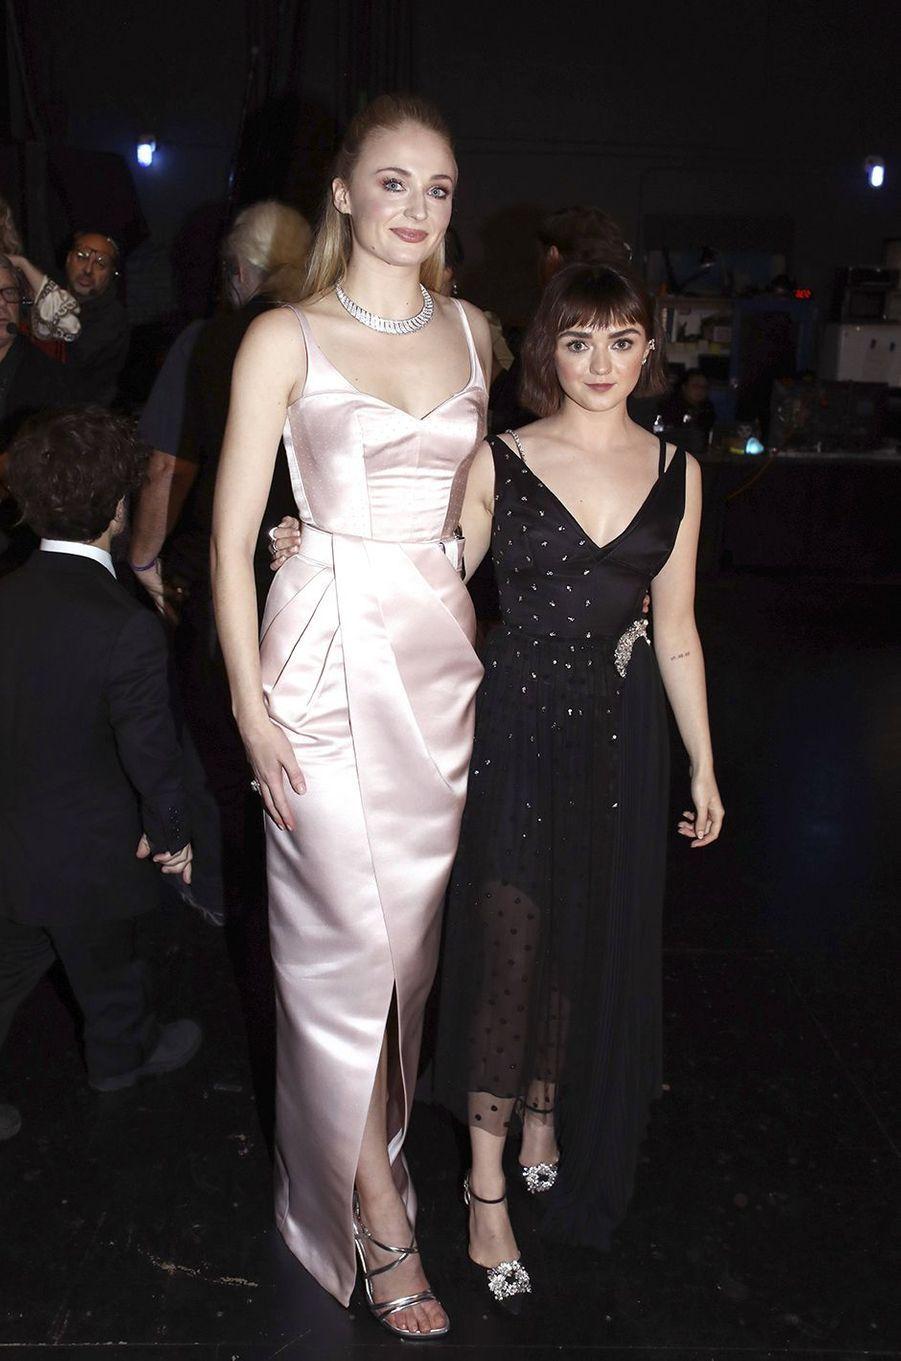 Sophie Turner et Maisie Williams : la fiction rejoint la réalité. Soeurs huit saisons durant dans «Game of Thrones», les deux jeunes femmes sont aussi complices à la ville.